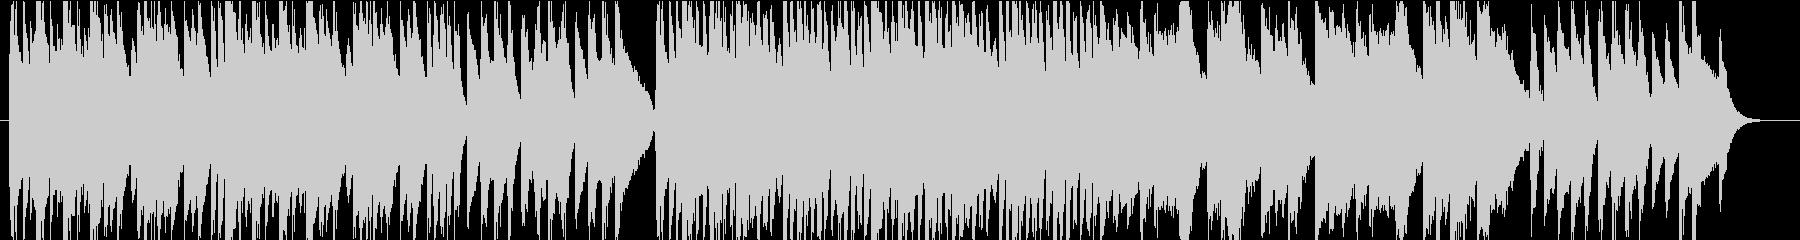 クラシック調のピアノインストの未再生の波形